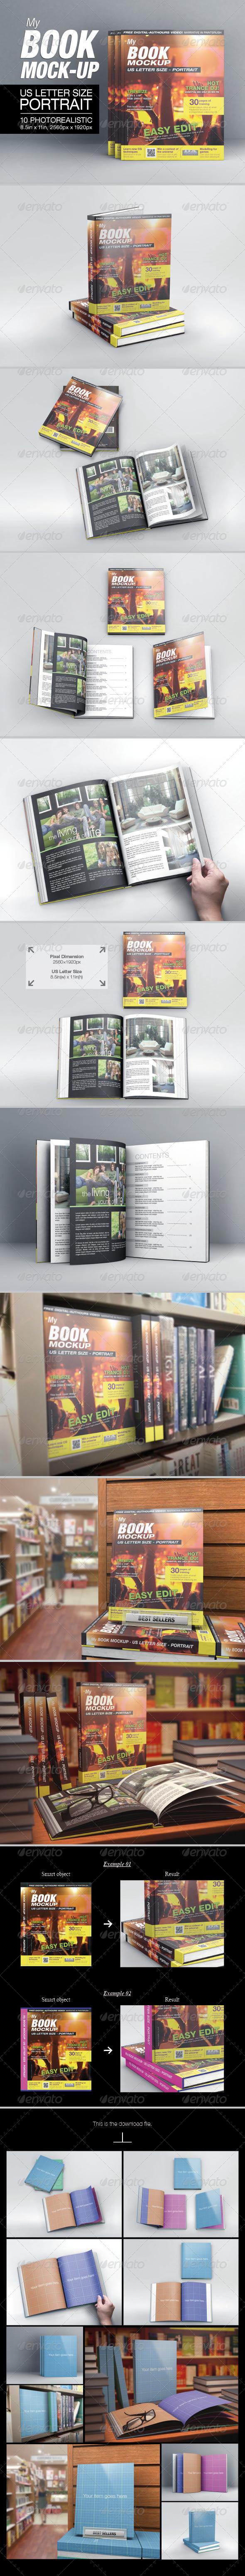 MyBook US Letter Size Mock-up - Books Print